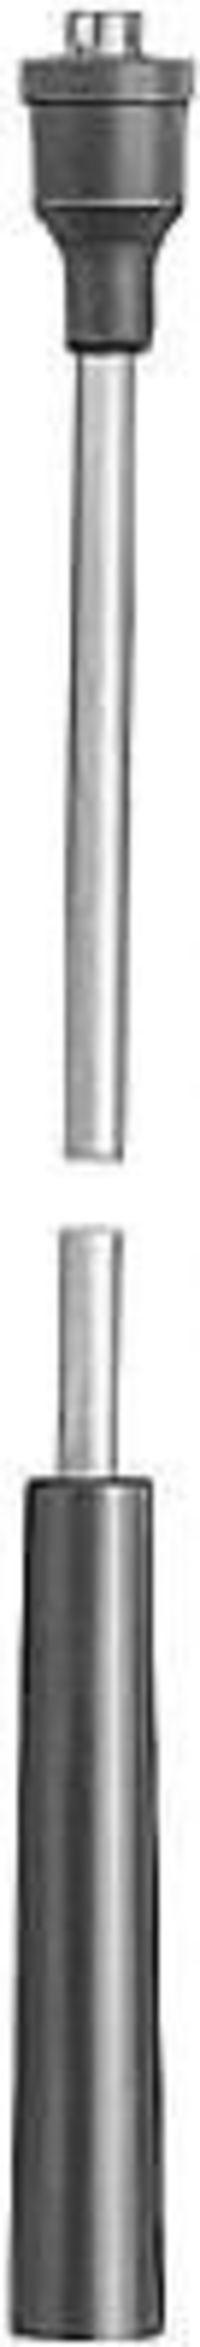 Провод зажигания BERU R122